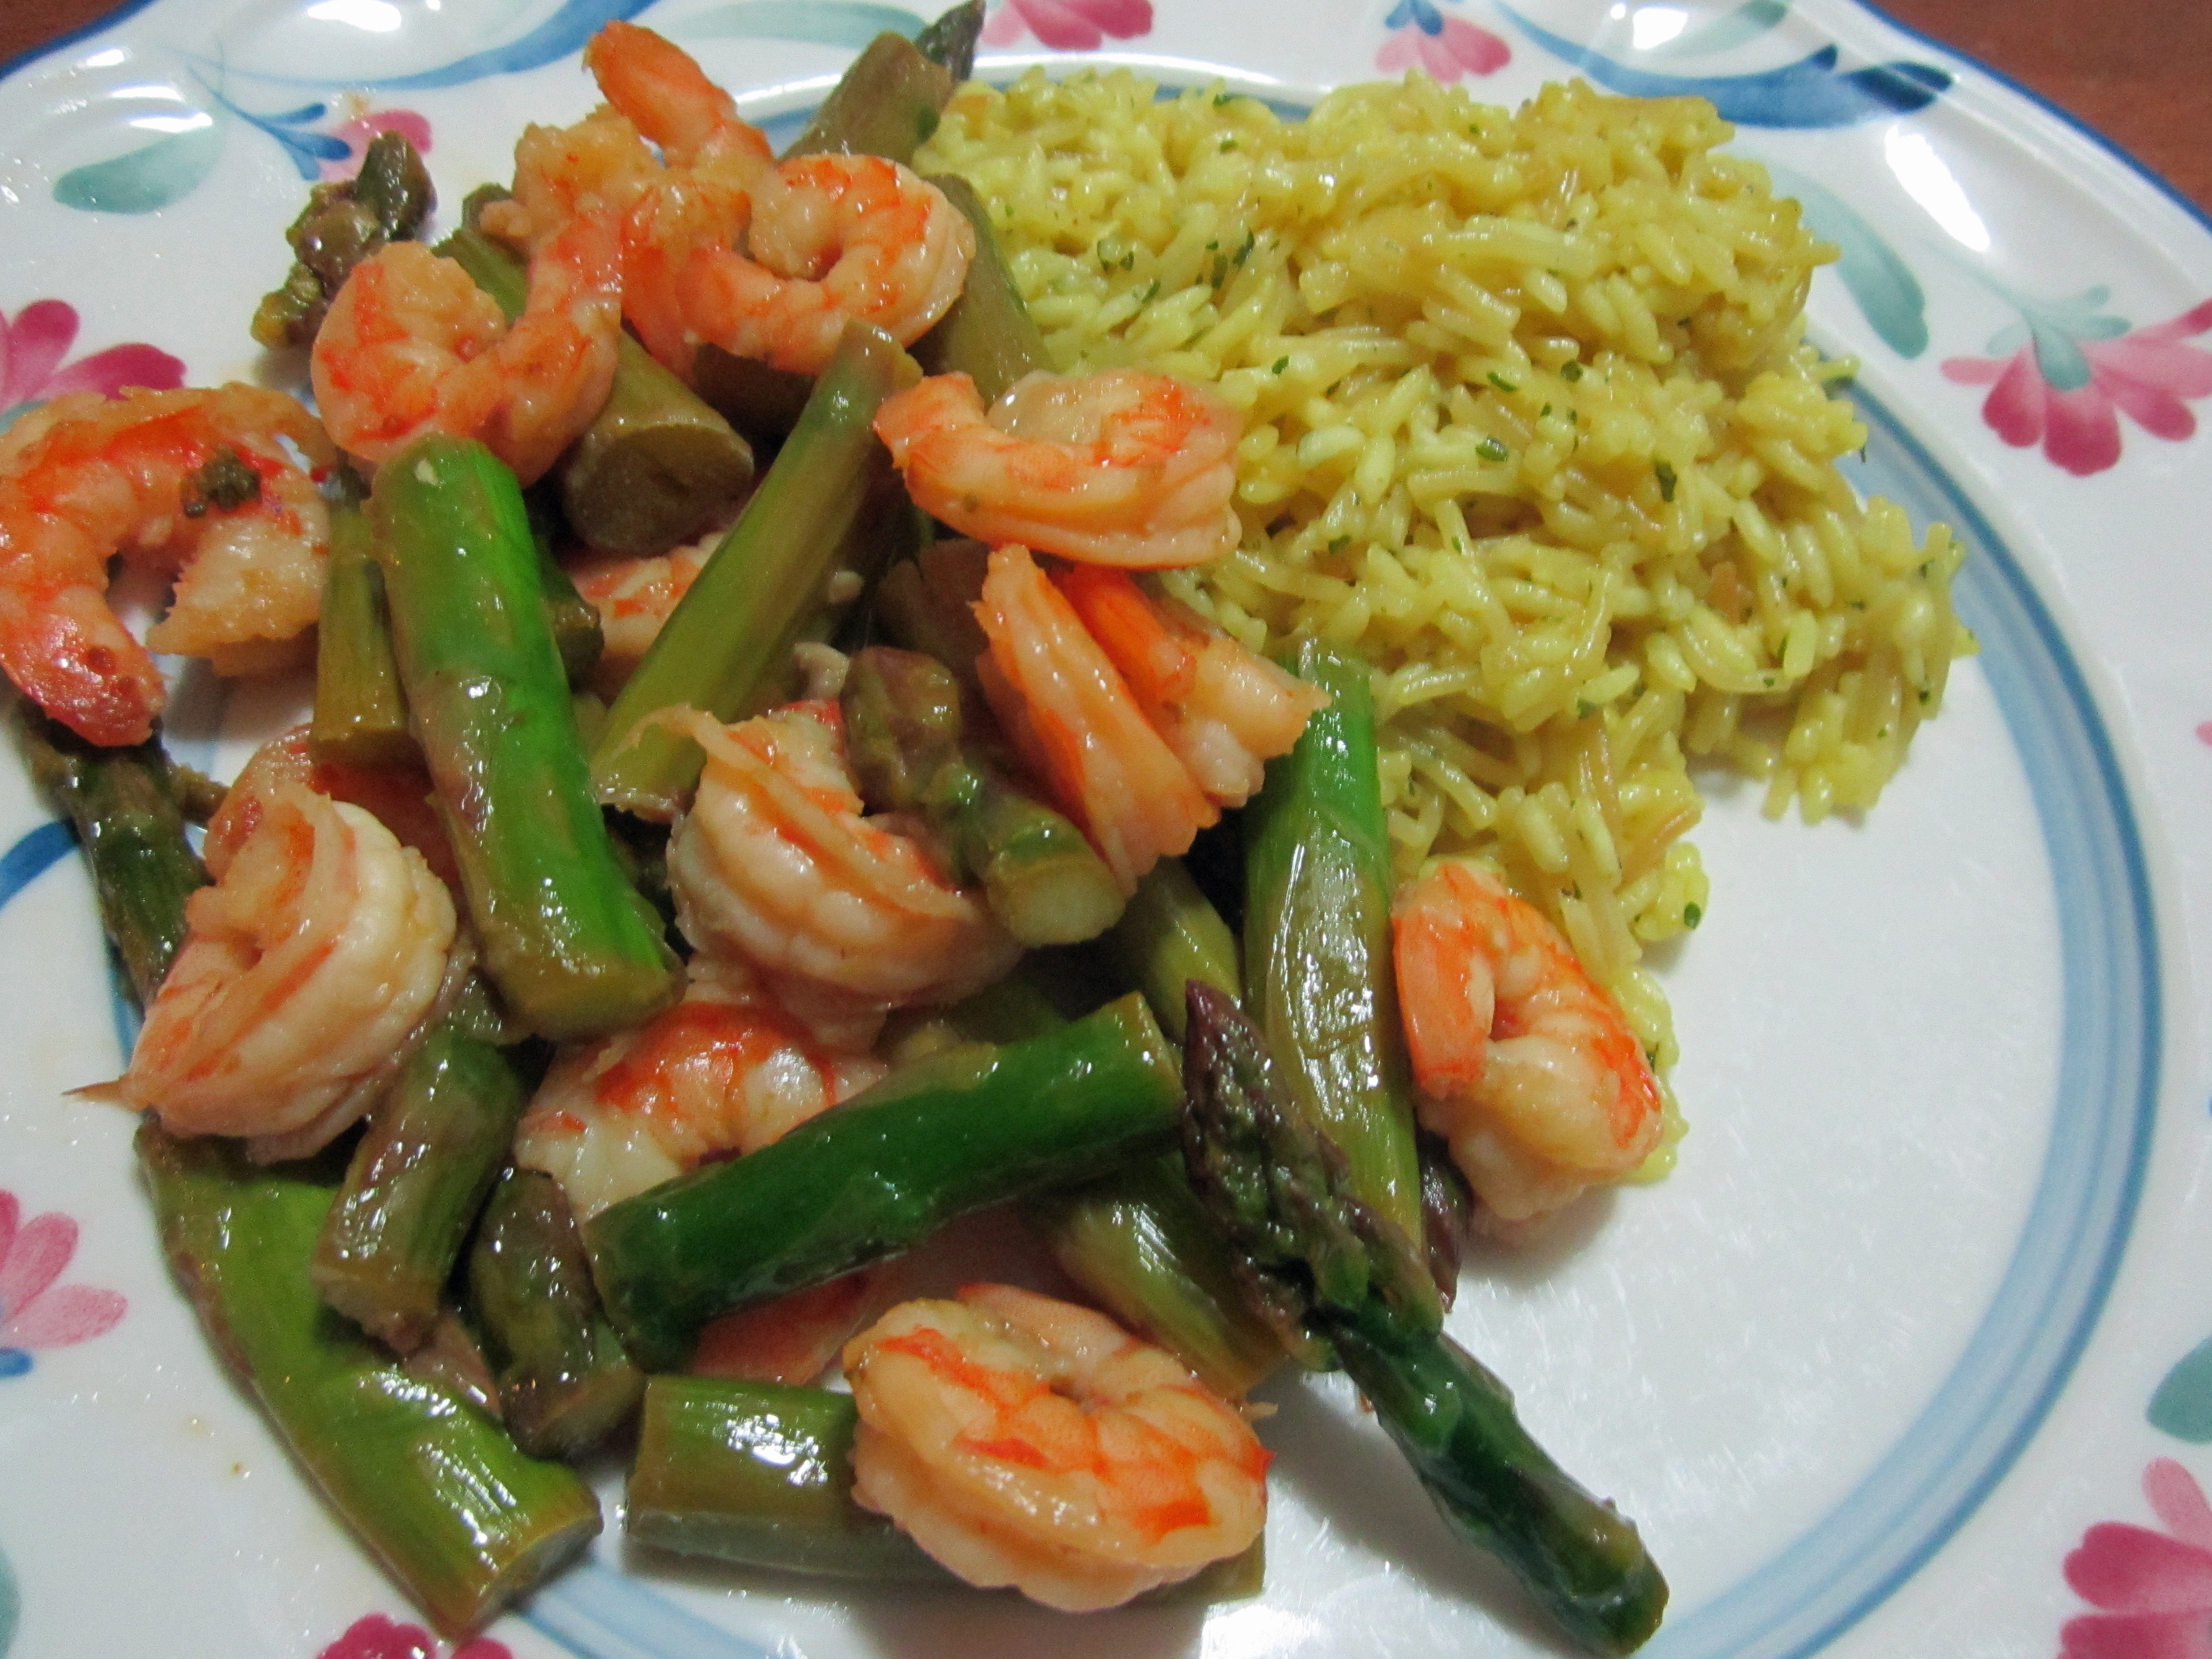 Shrimp and asparagus stir-fry Whitney Hilliard | Crumbs